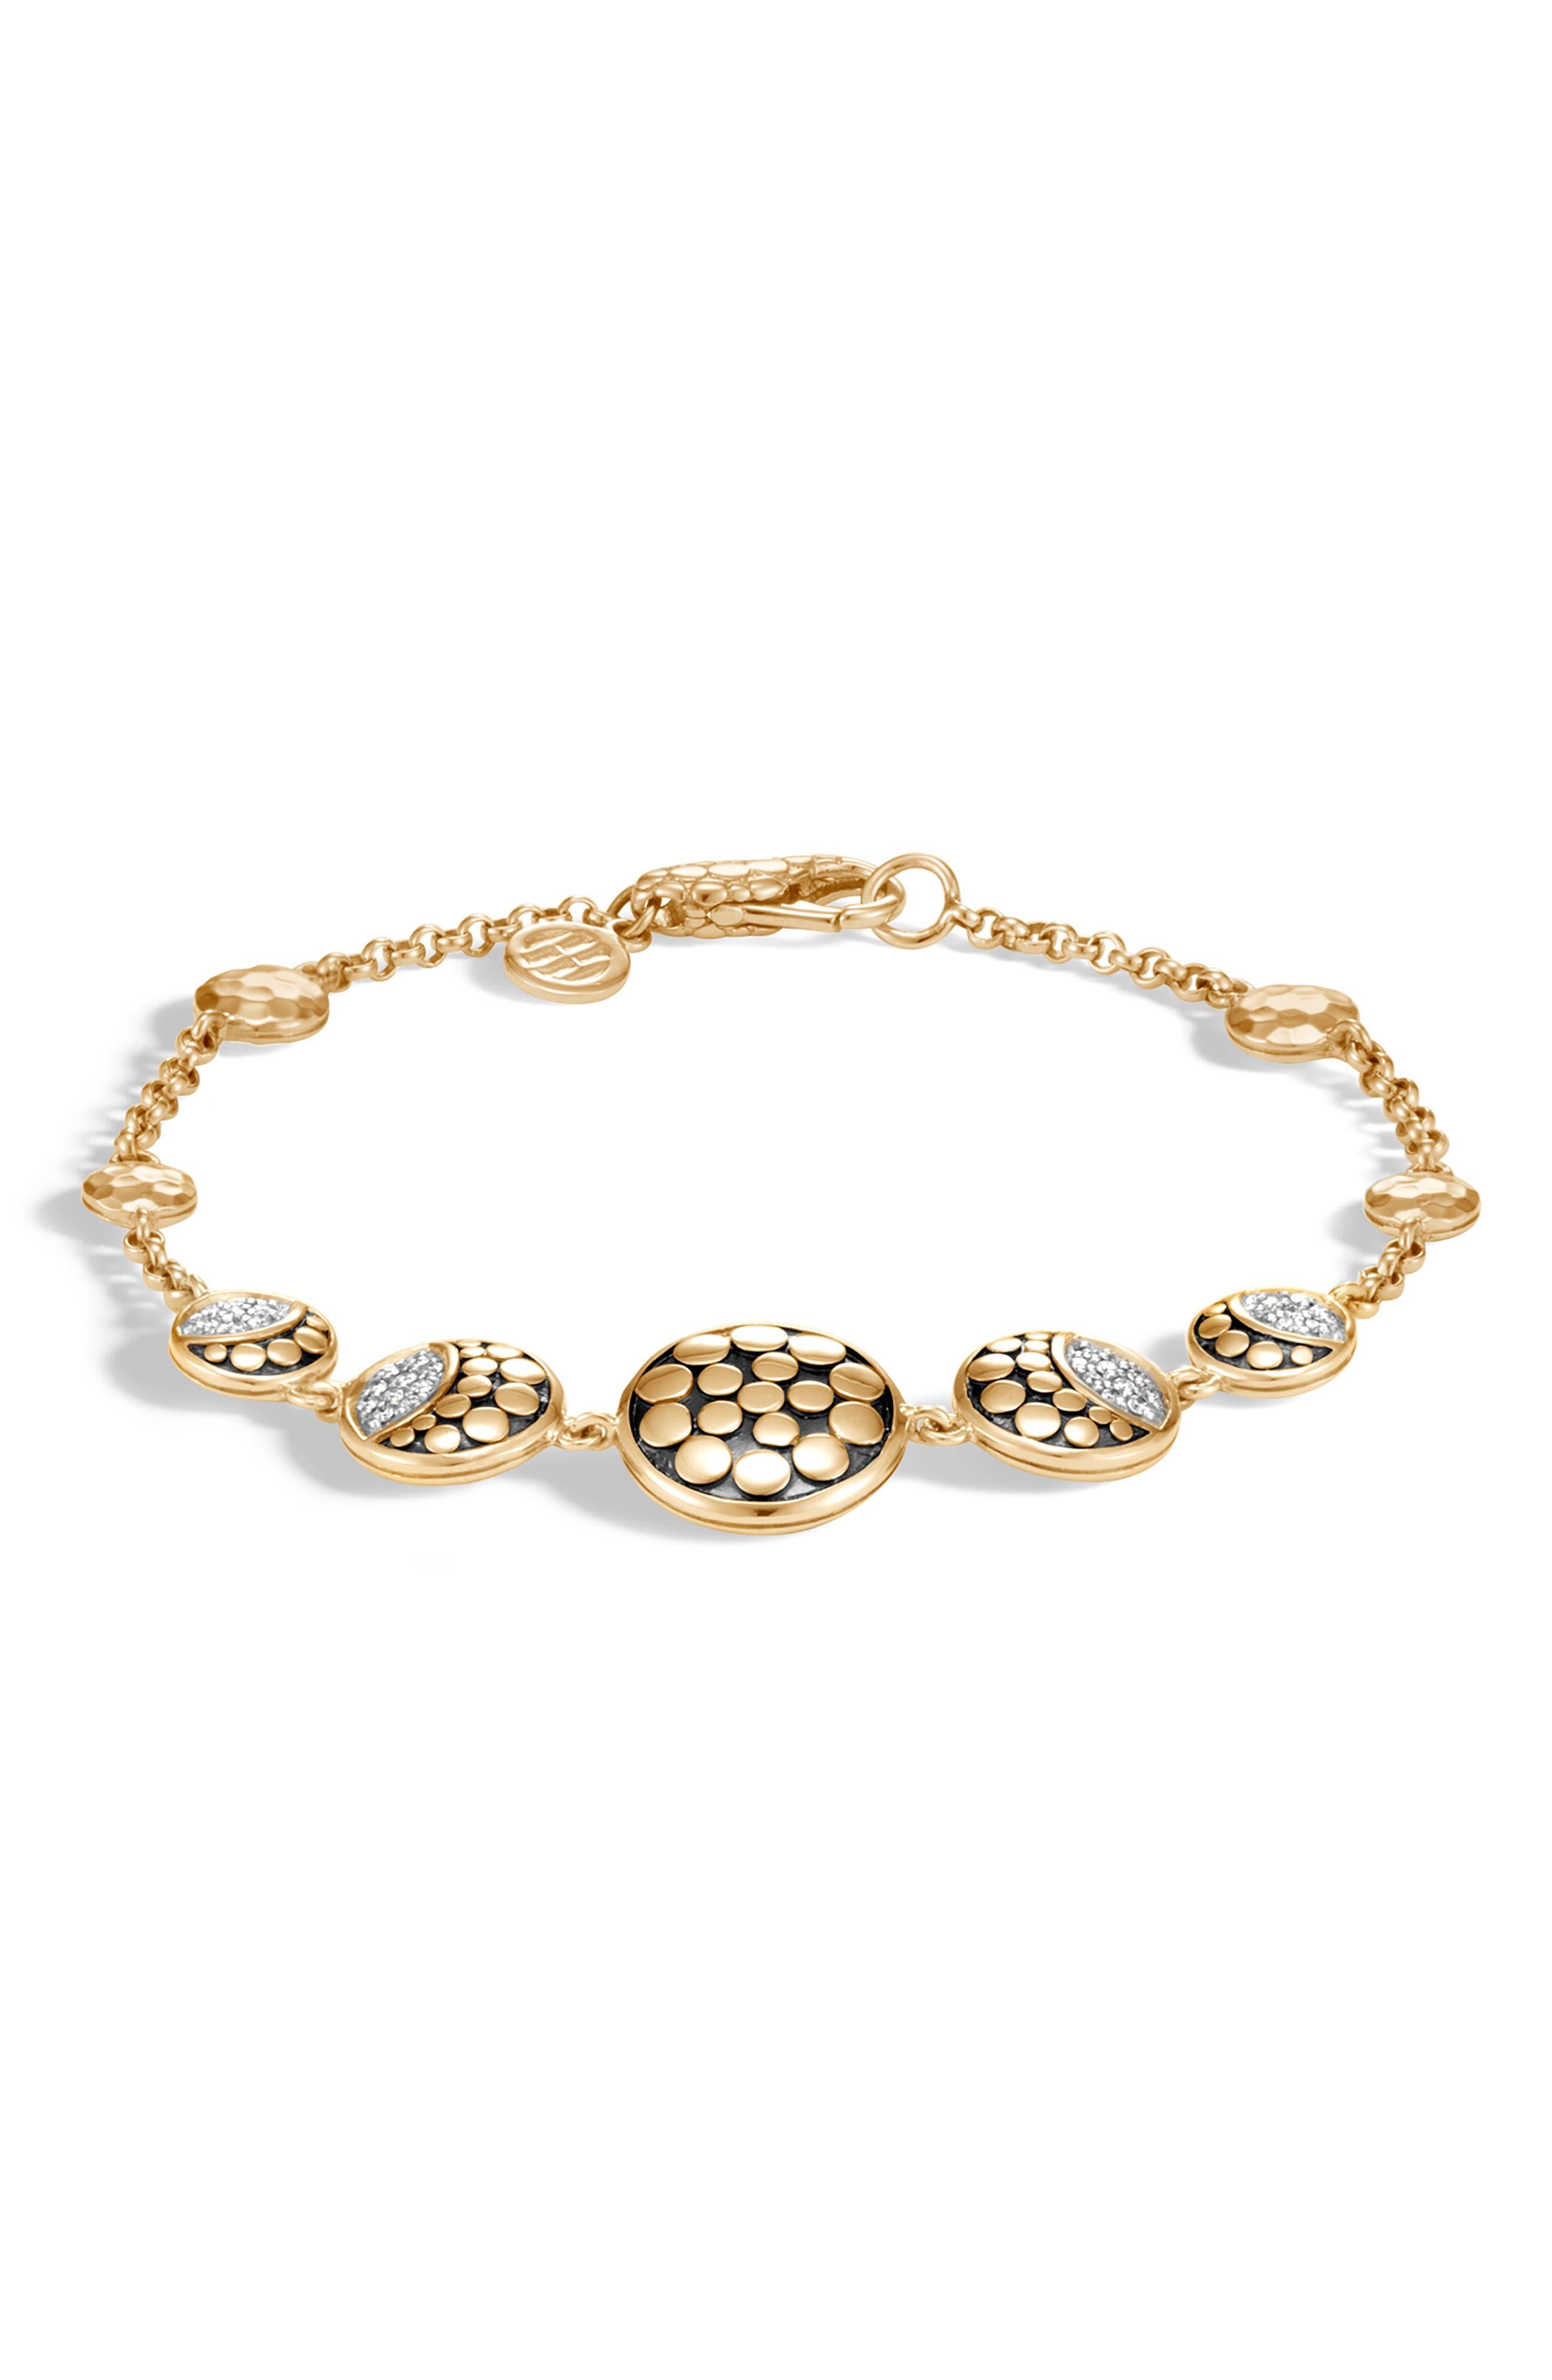 Dot Moon Diamond Pavé Bracelet,                             Main thumbnail 1, color,                             GOLD/ DIAMOND